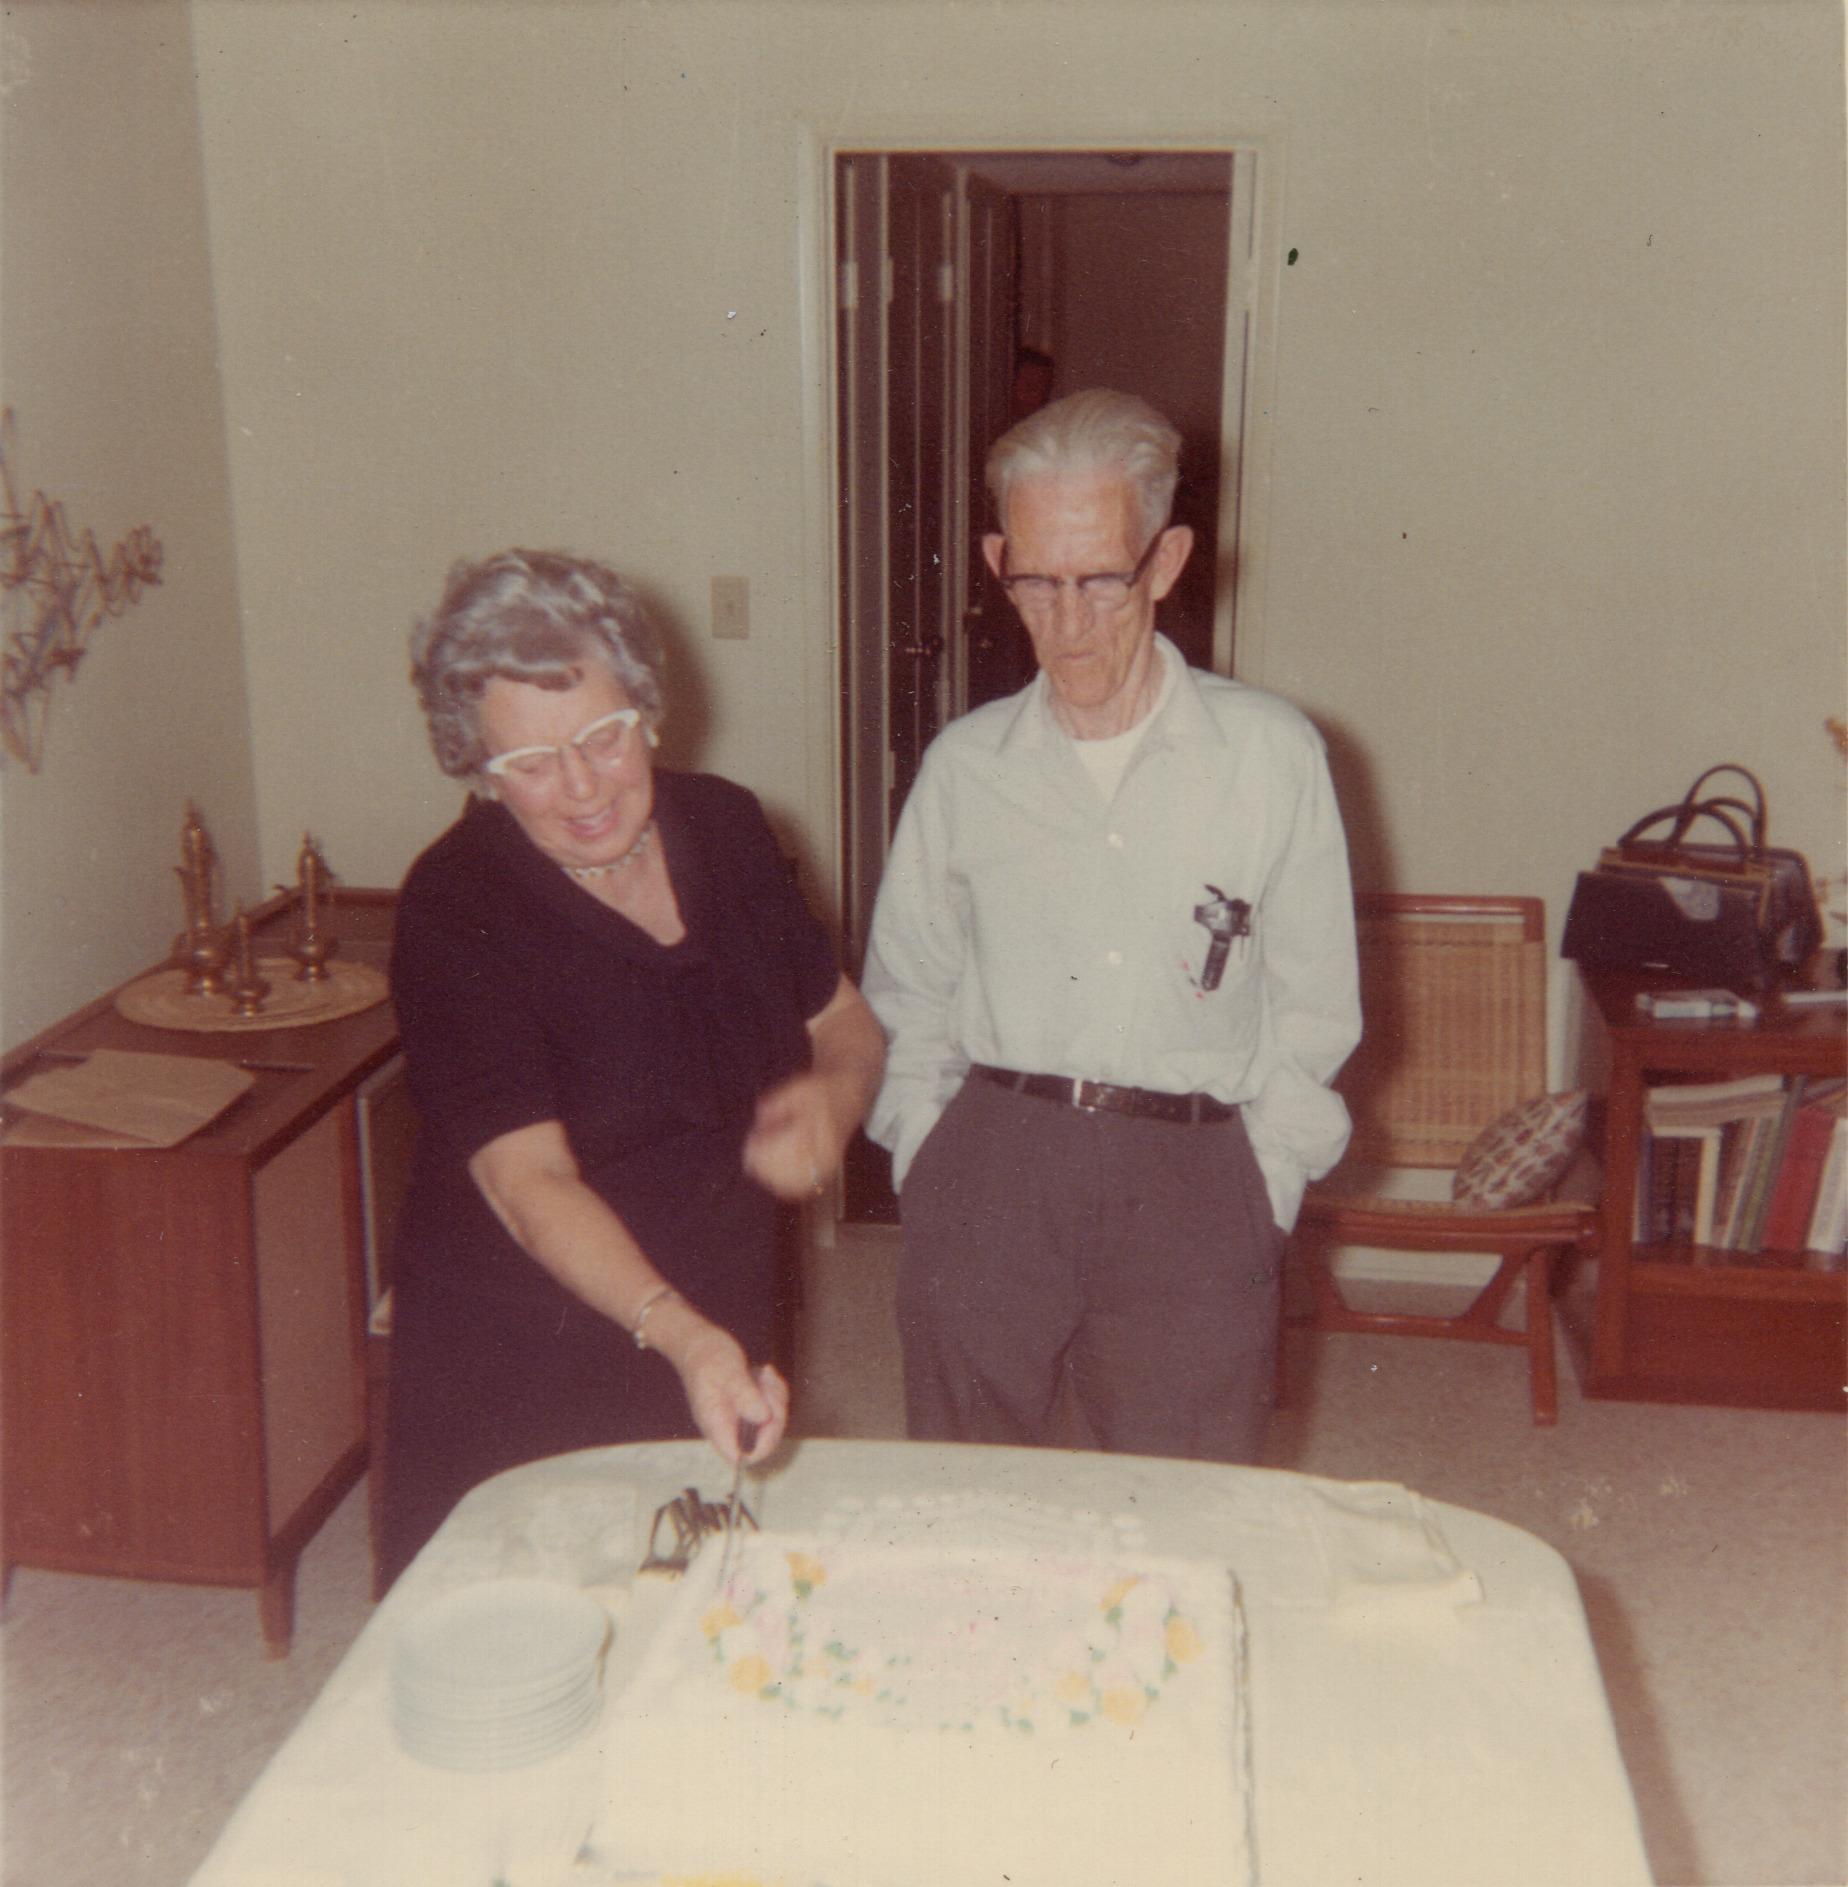 Grandma & Grandpa Phillips Cake - Before